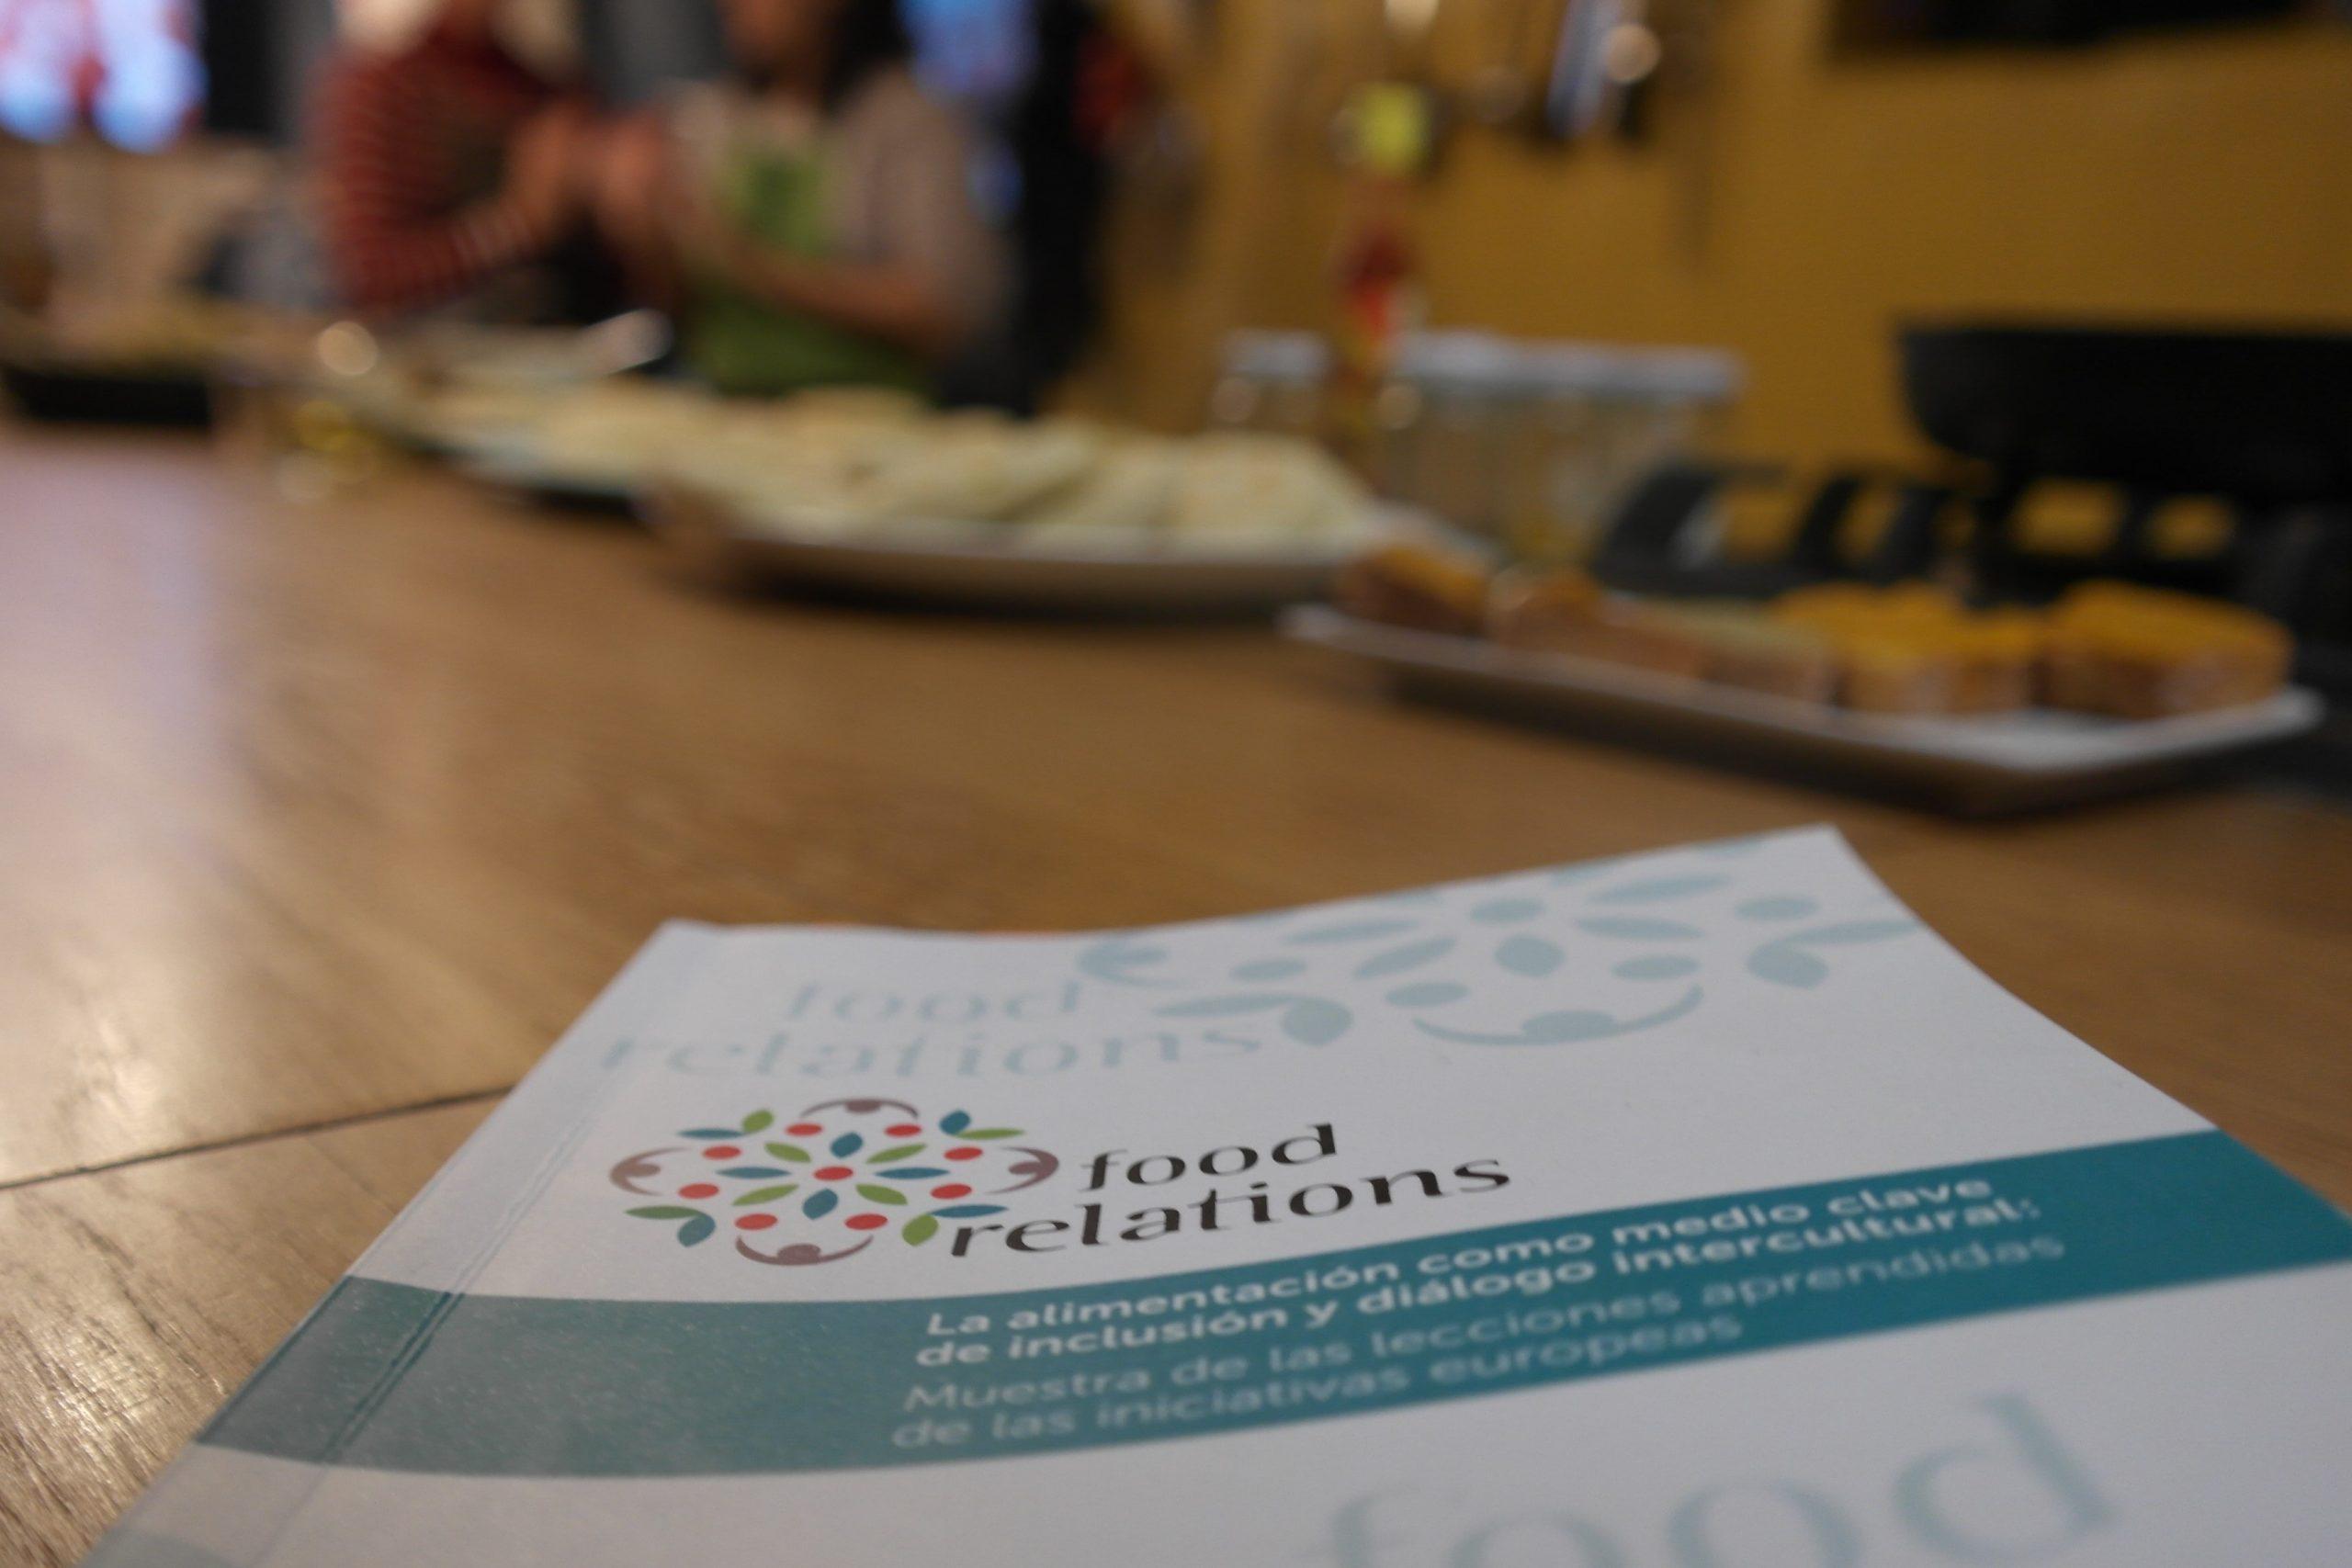 El projecte Food Relations s'implantarà a El Prat de Llobregat després de l'èxit del pilot a L'Hospitalet